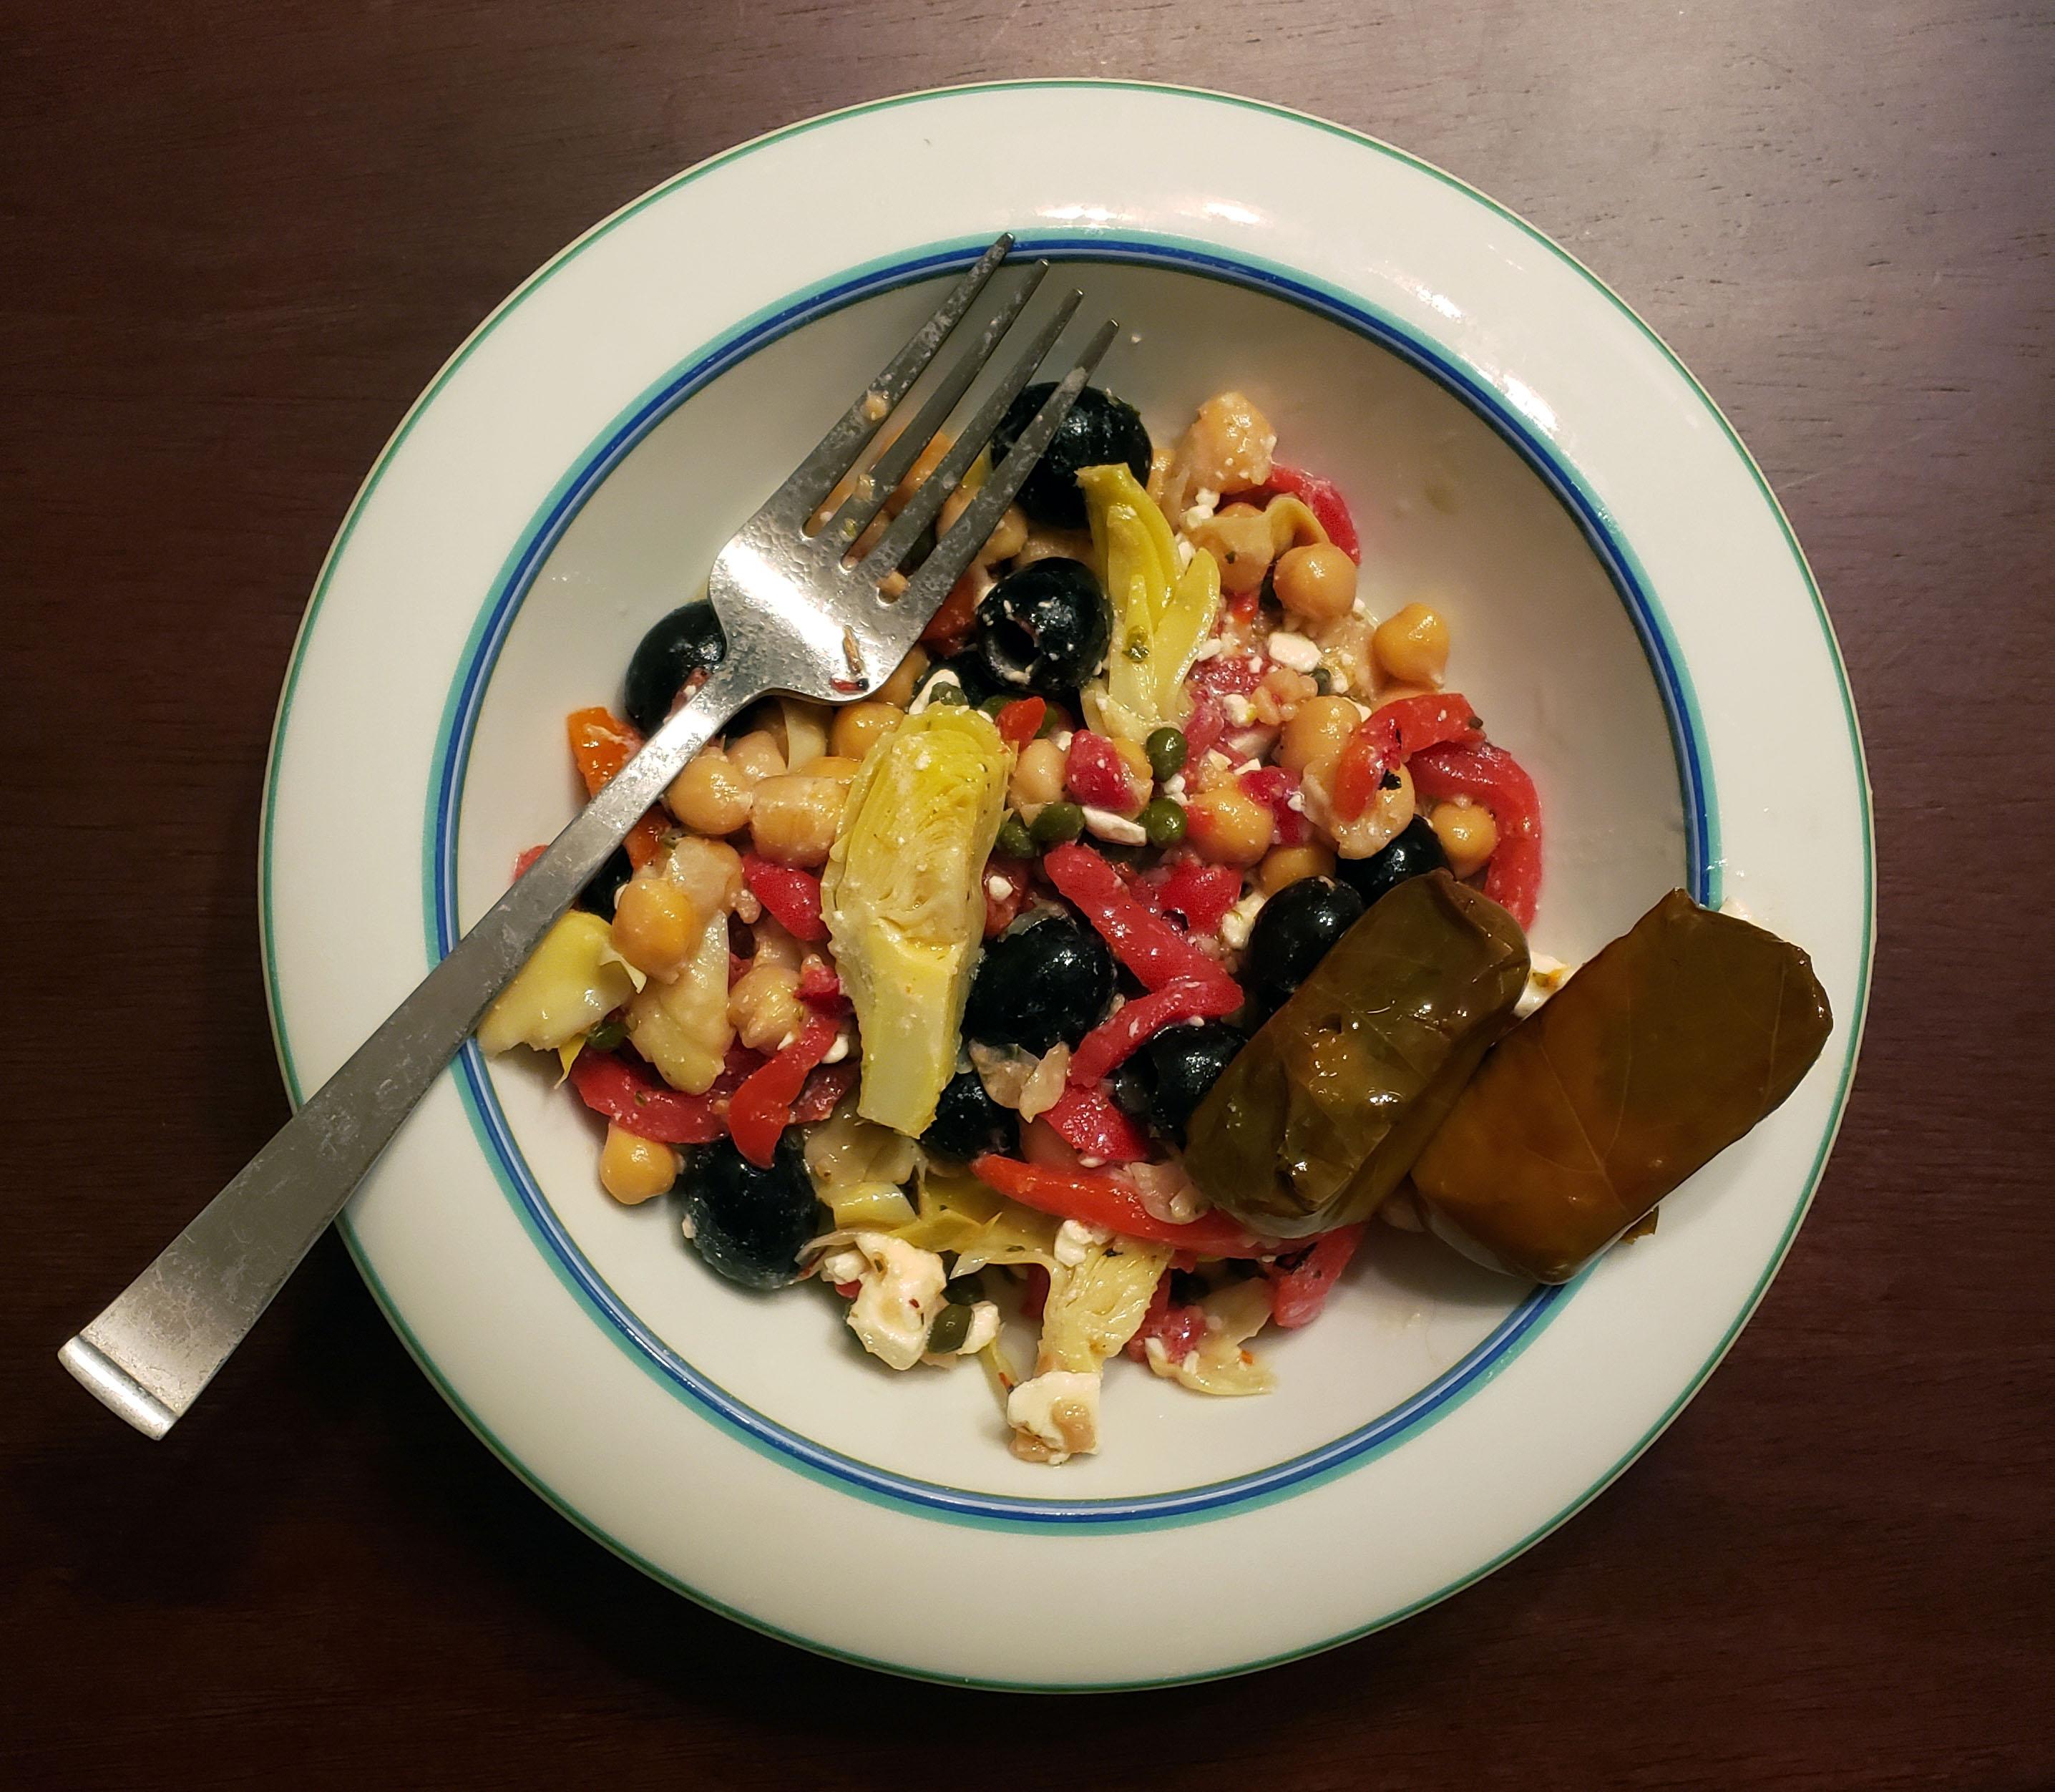 Mediterranean-Inspired Chickpea Salad